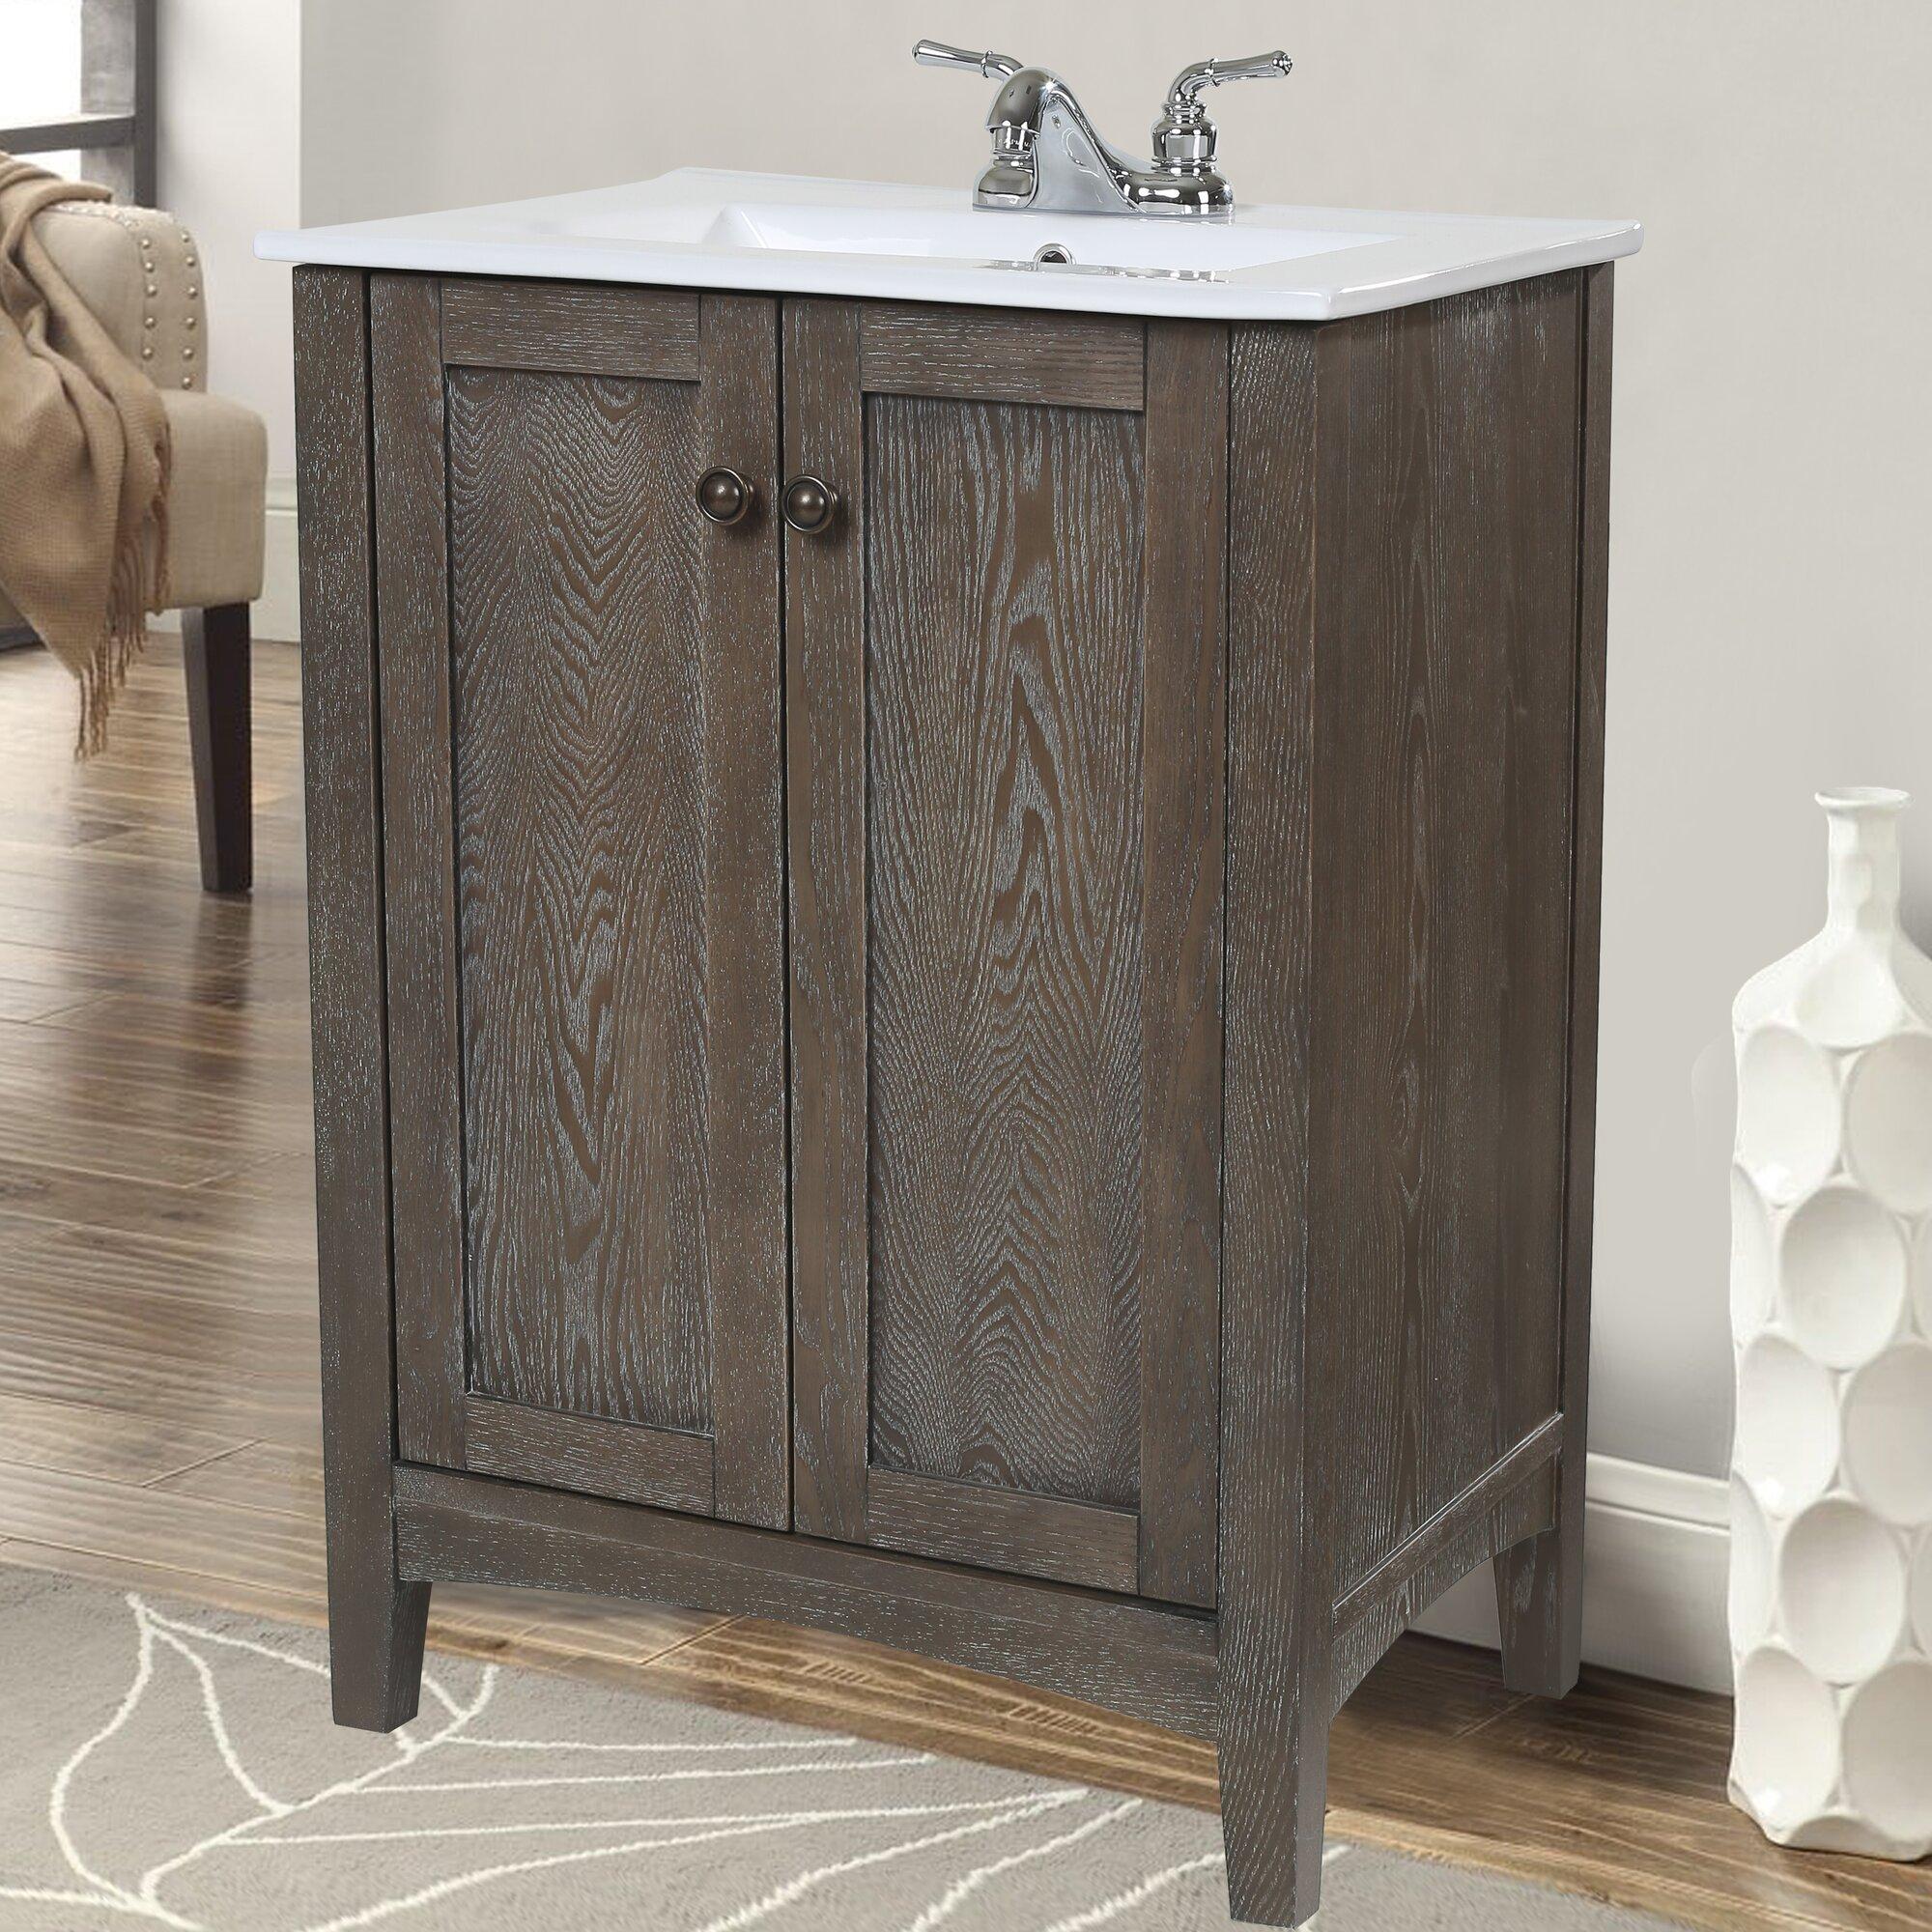 Schrock Bathroom Vanity With Double Sinks